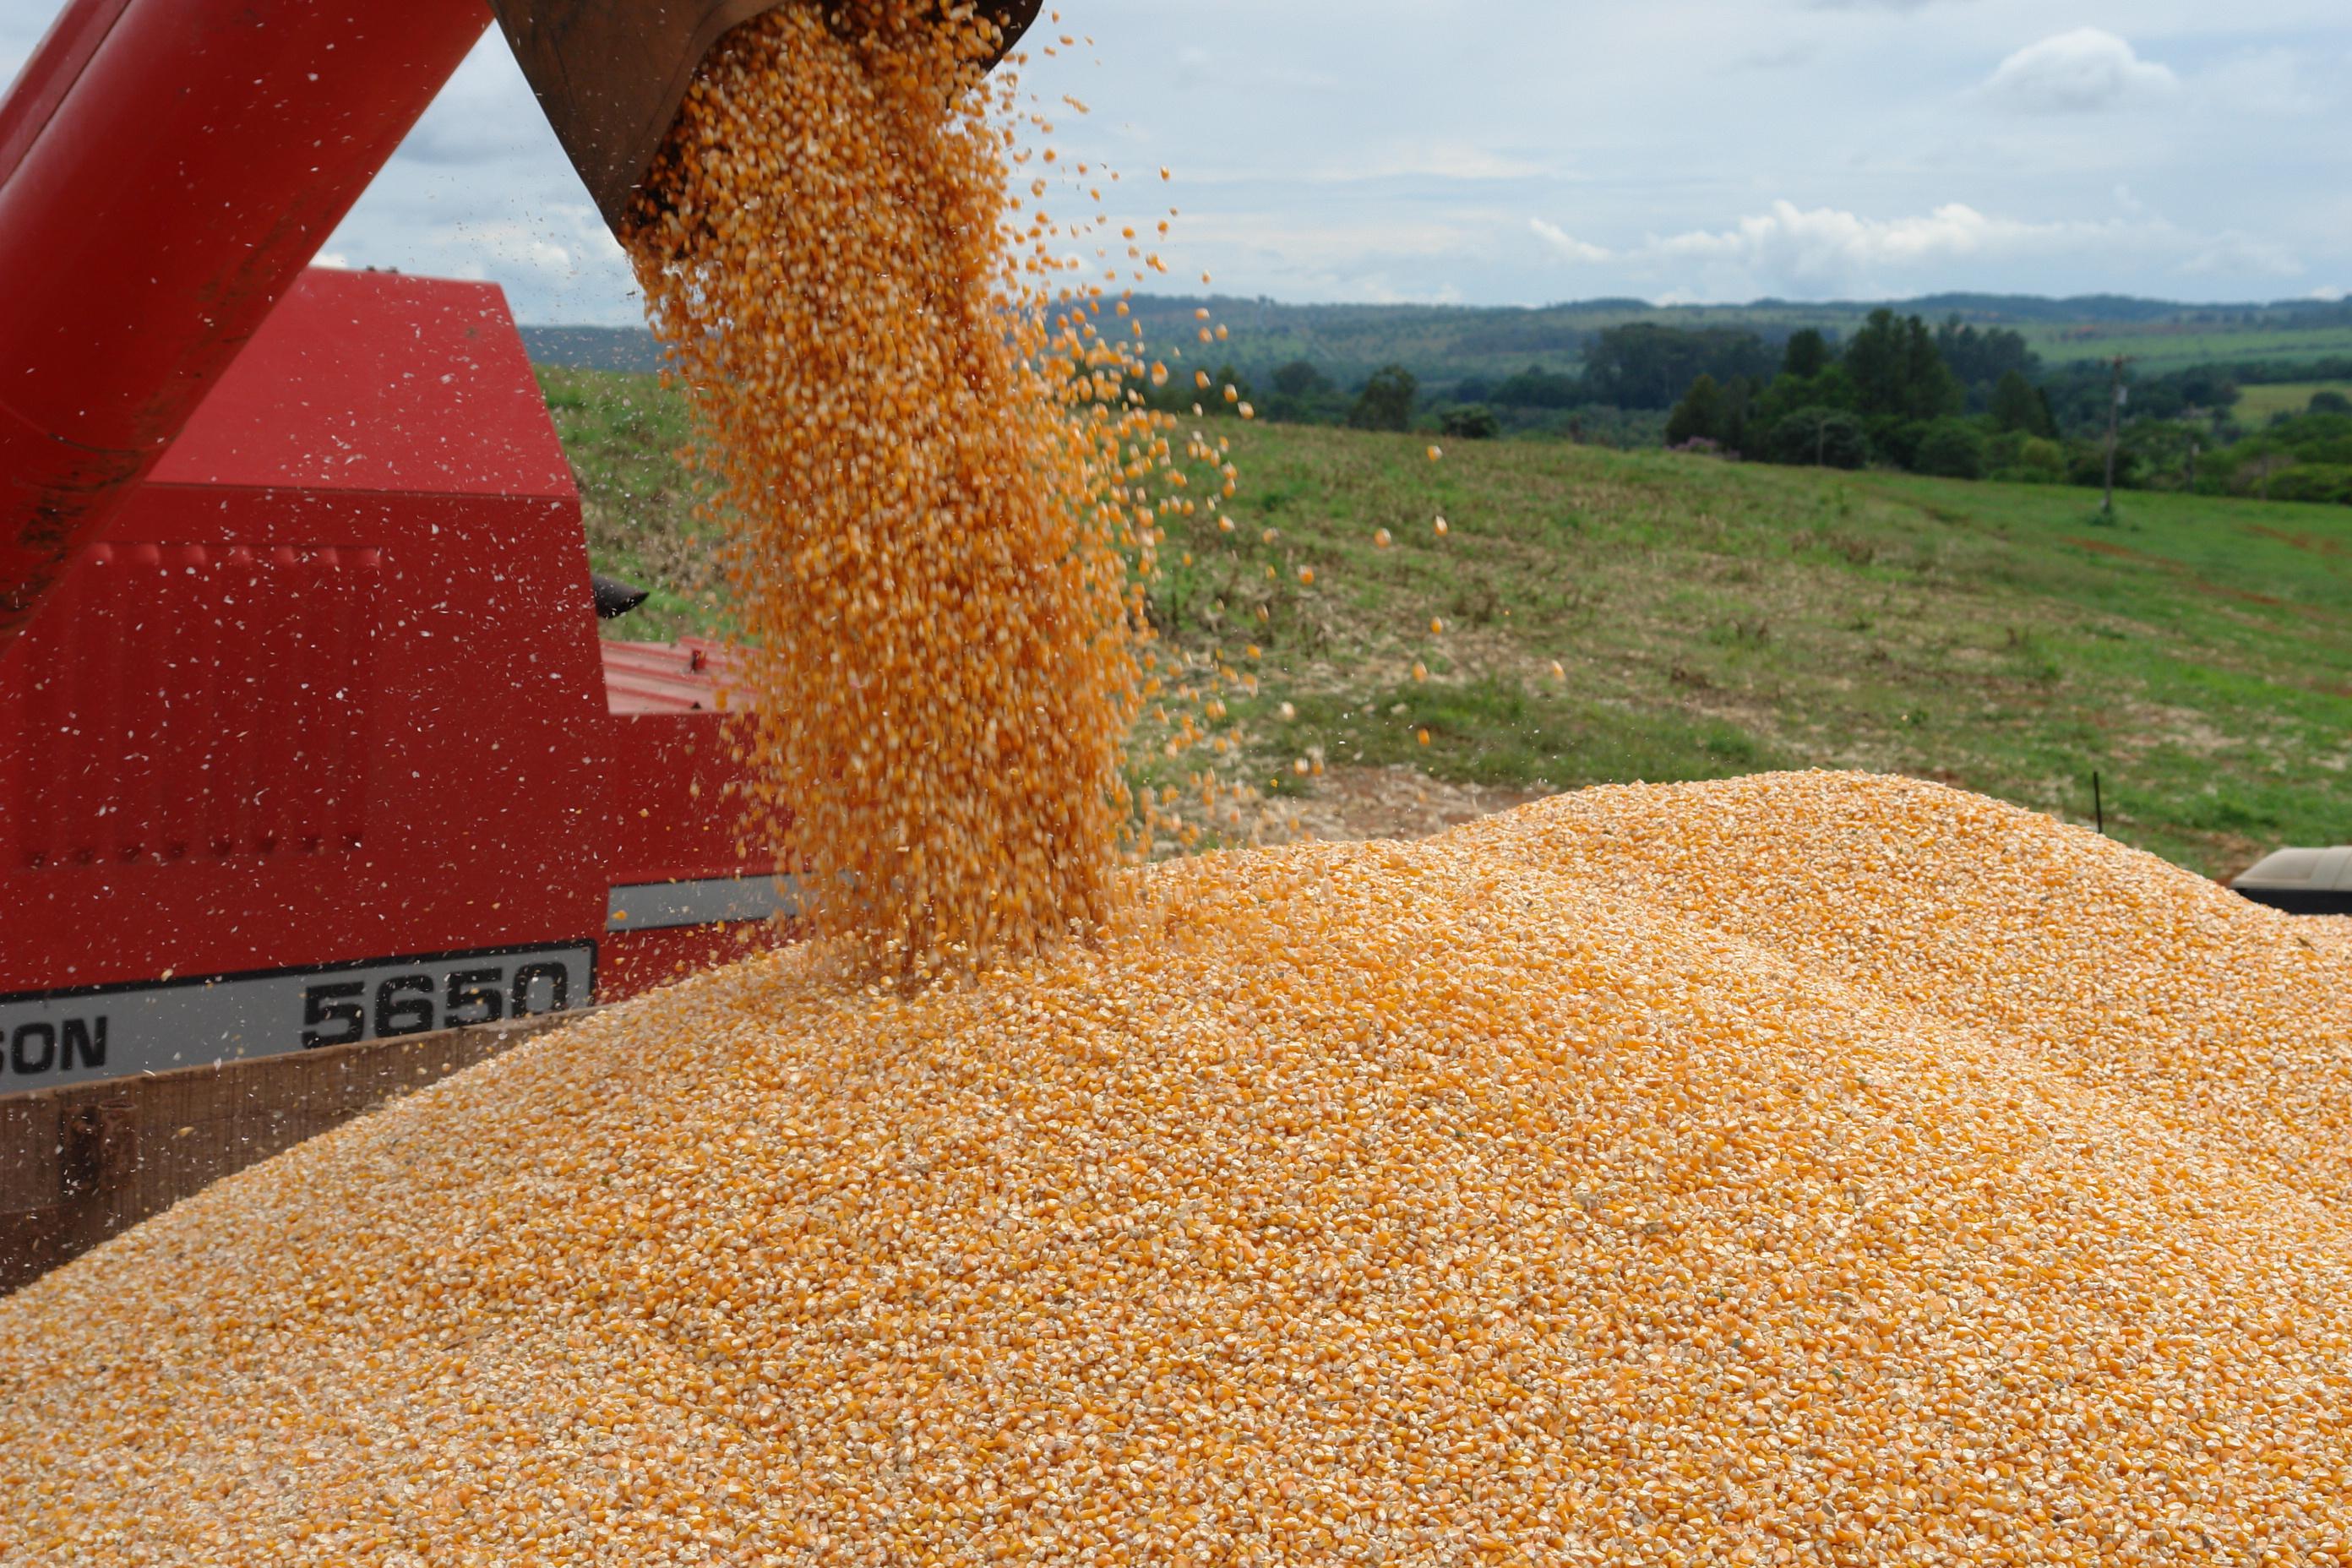 Mais da metade da safra nacional de grãos é produzida em quatro estados